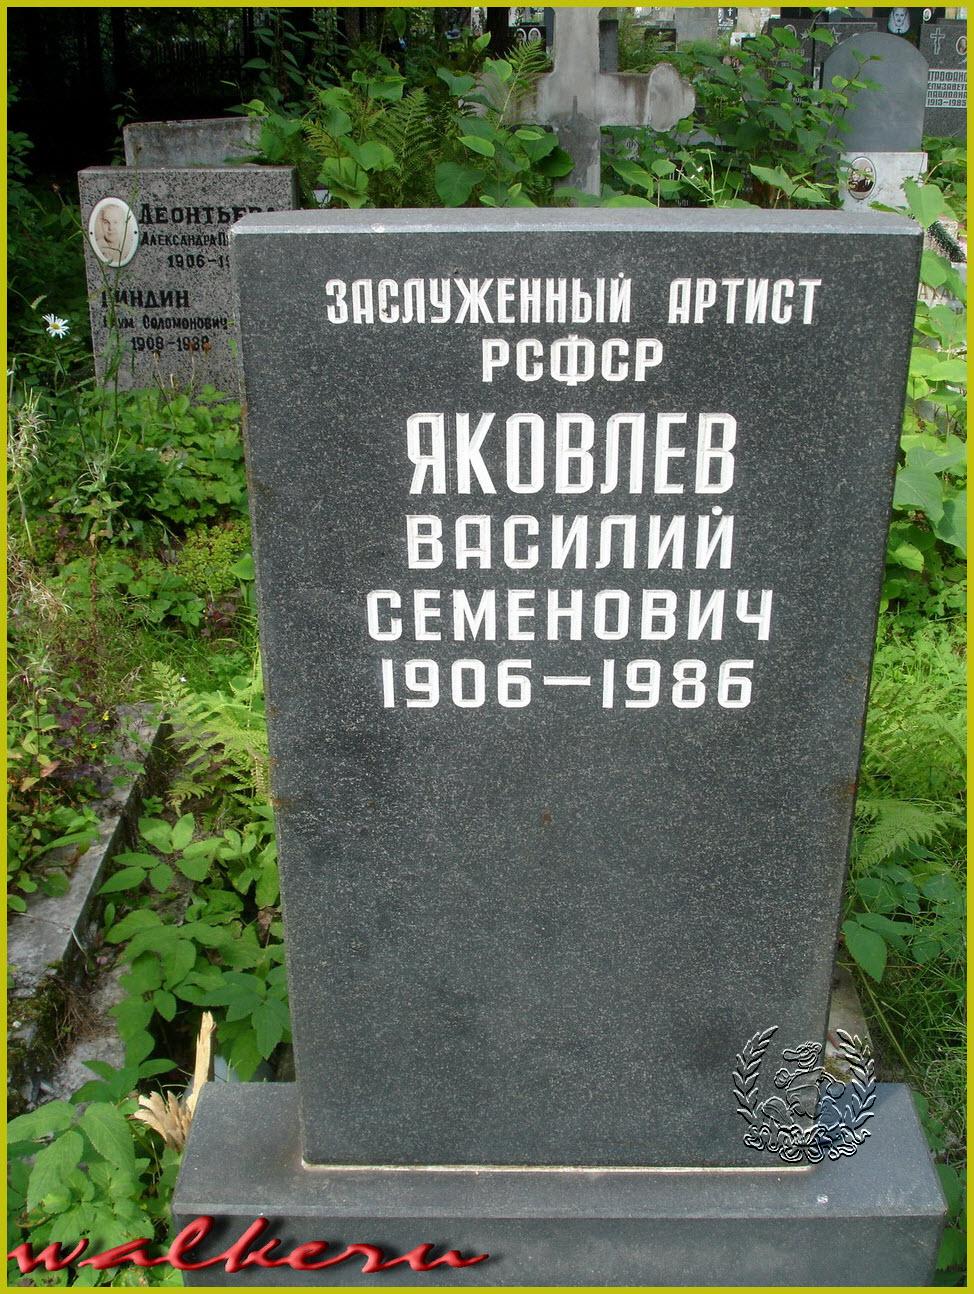 Могила Яковлева В.С. на Большеохтинском кладбище